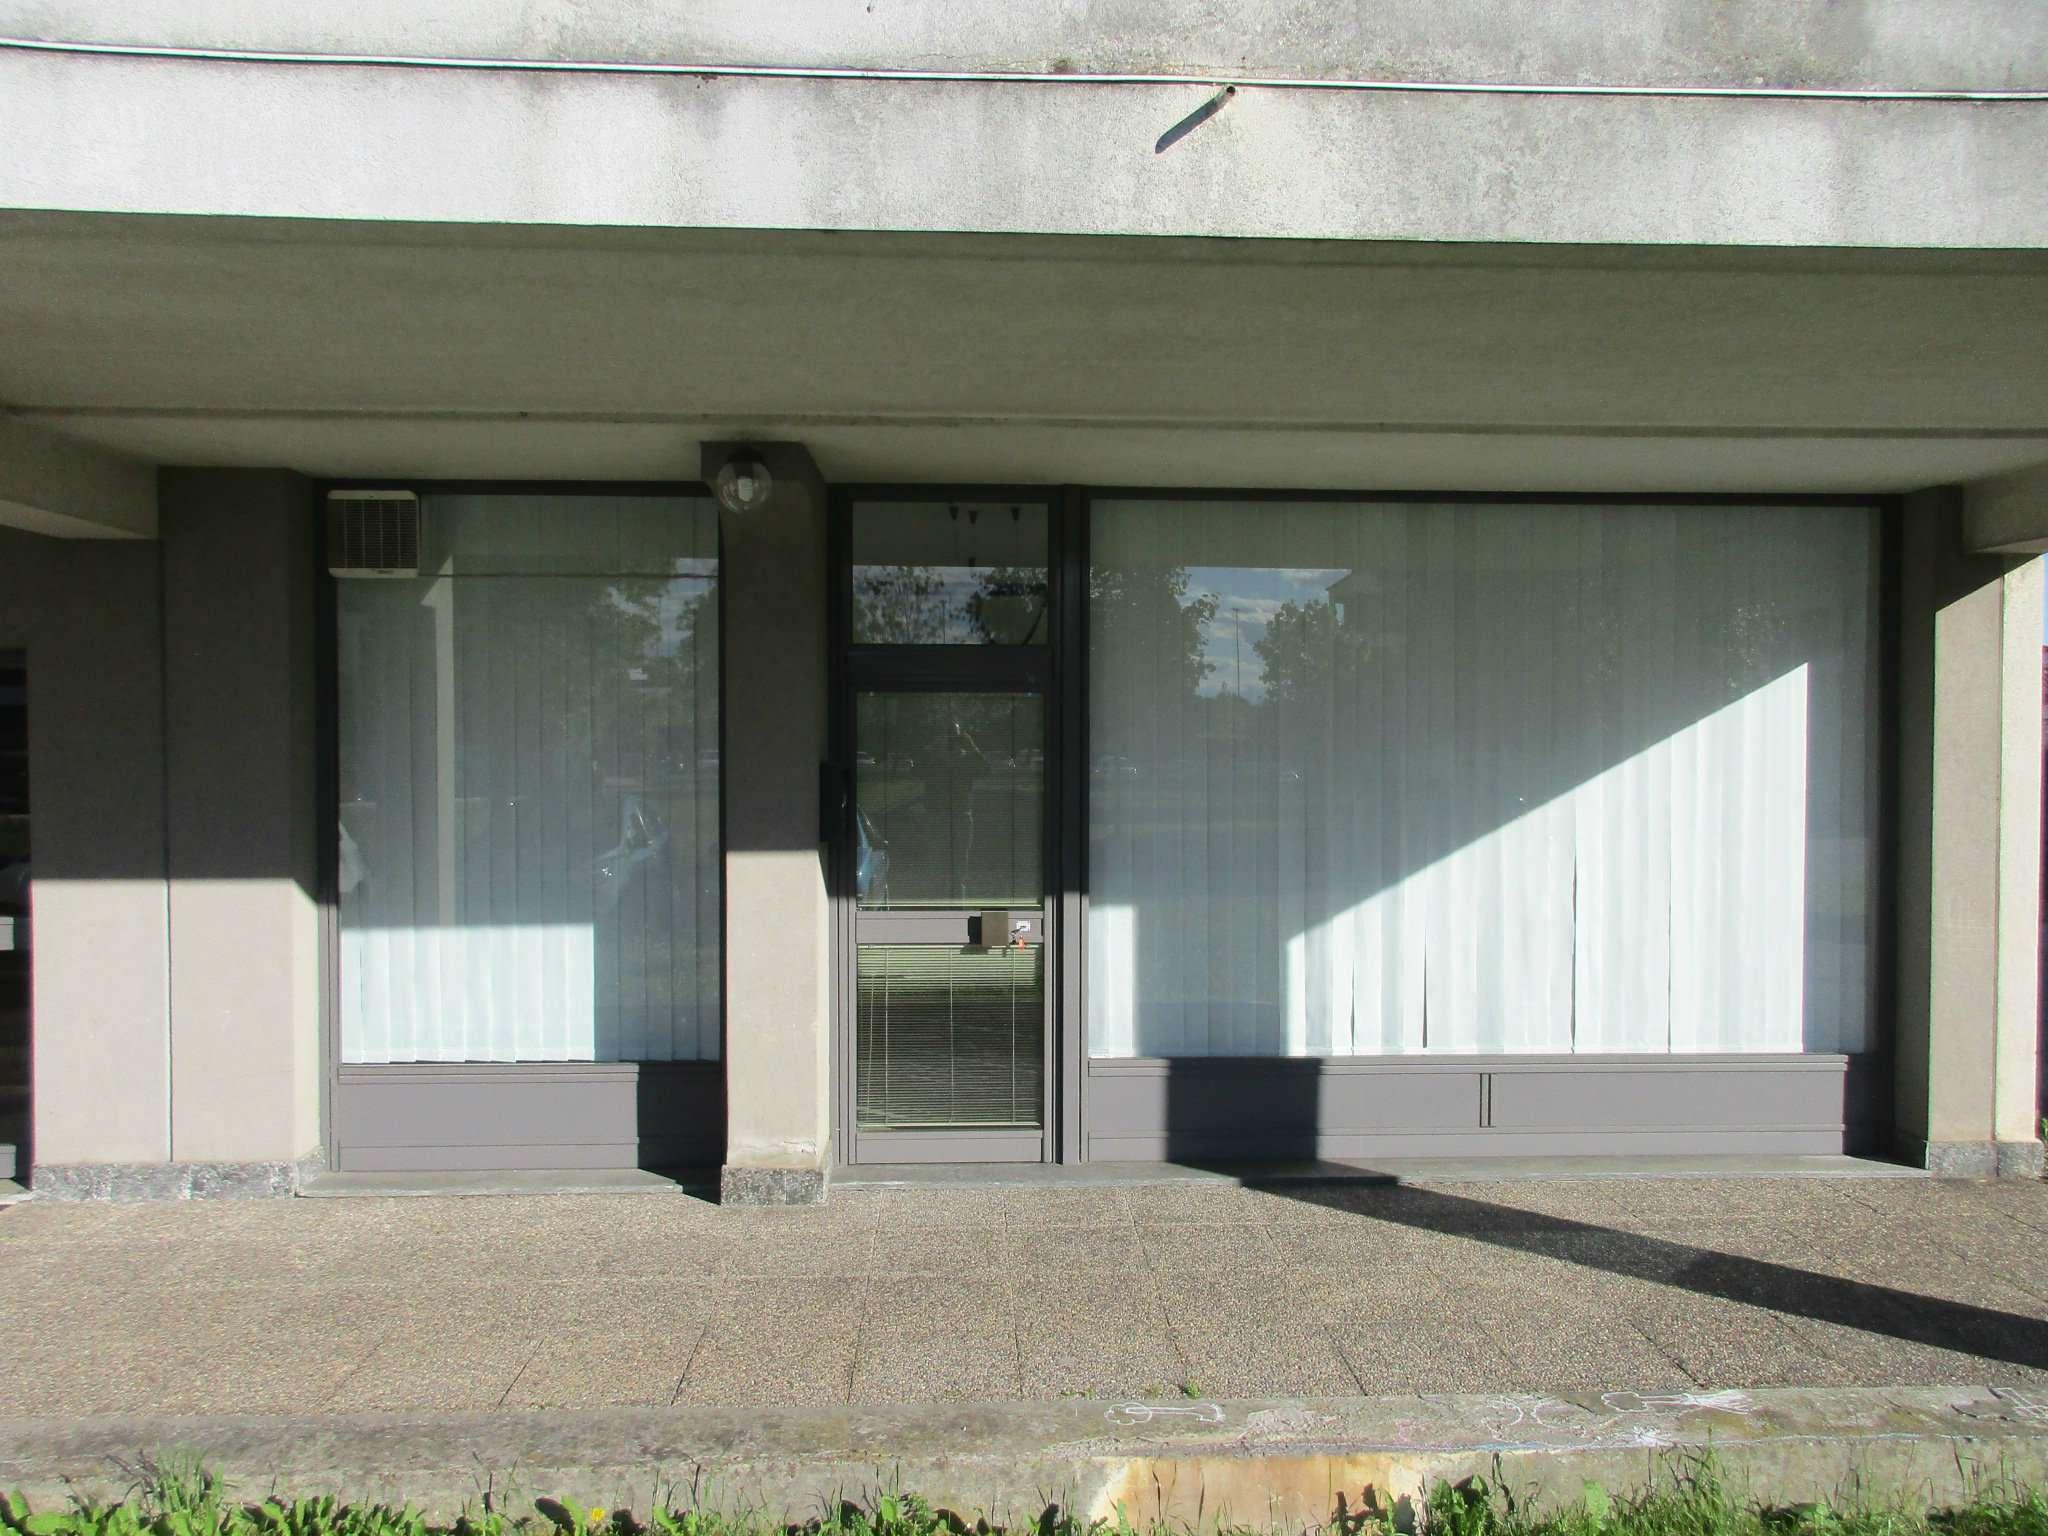 Negozio / Locale in vendita a Cassano Magnago, 9999 locali, prezzo € 50.000 | Cambio Casa.it